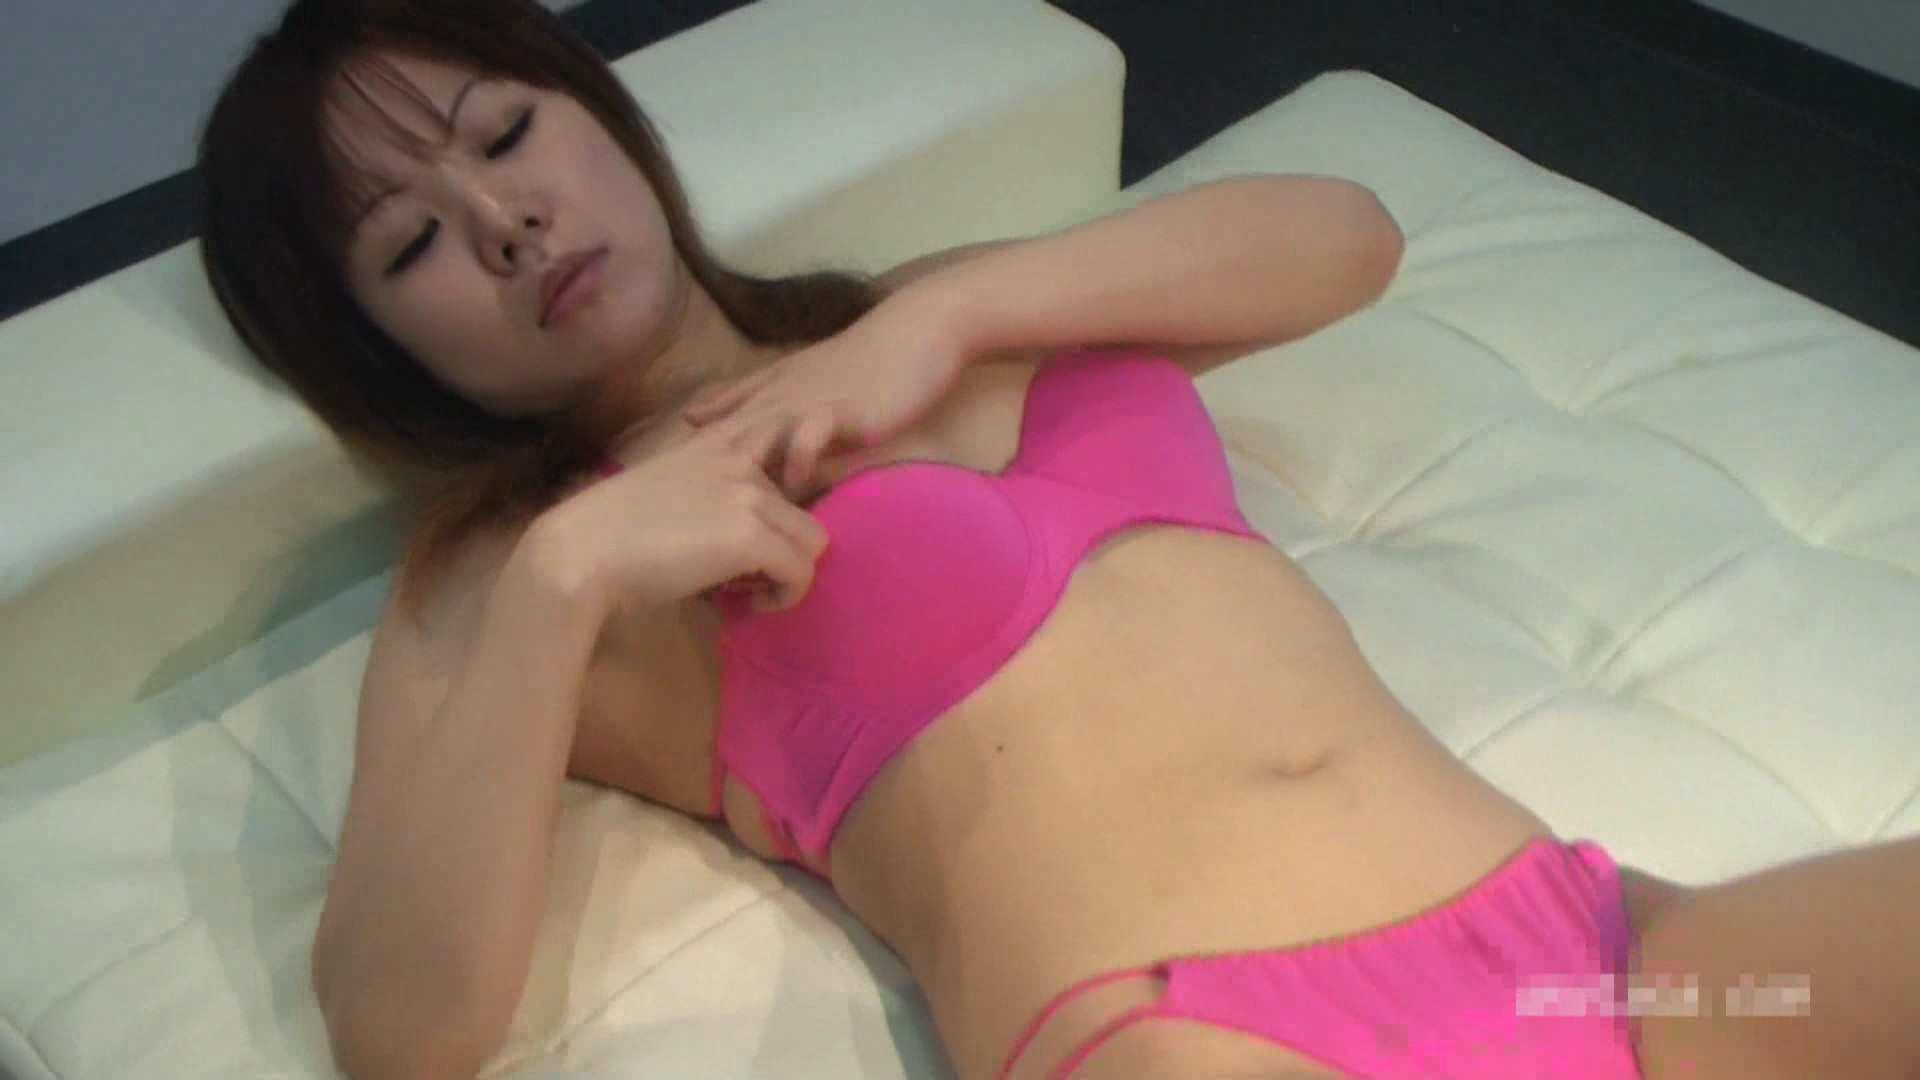 素人嬢のゆうこちゃん26歳の激オナ 一般投稿 ワレメ無修正動画無料 85pic 16